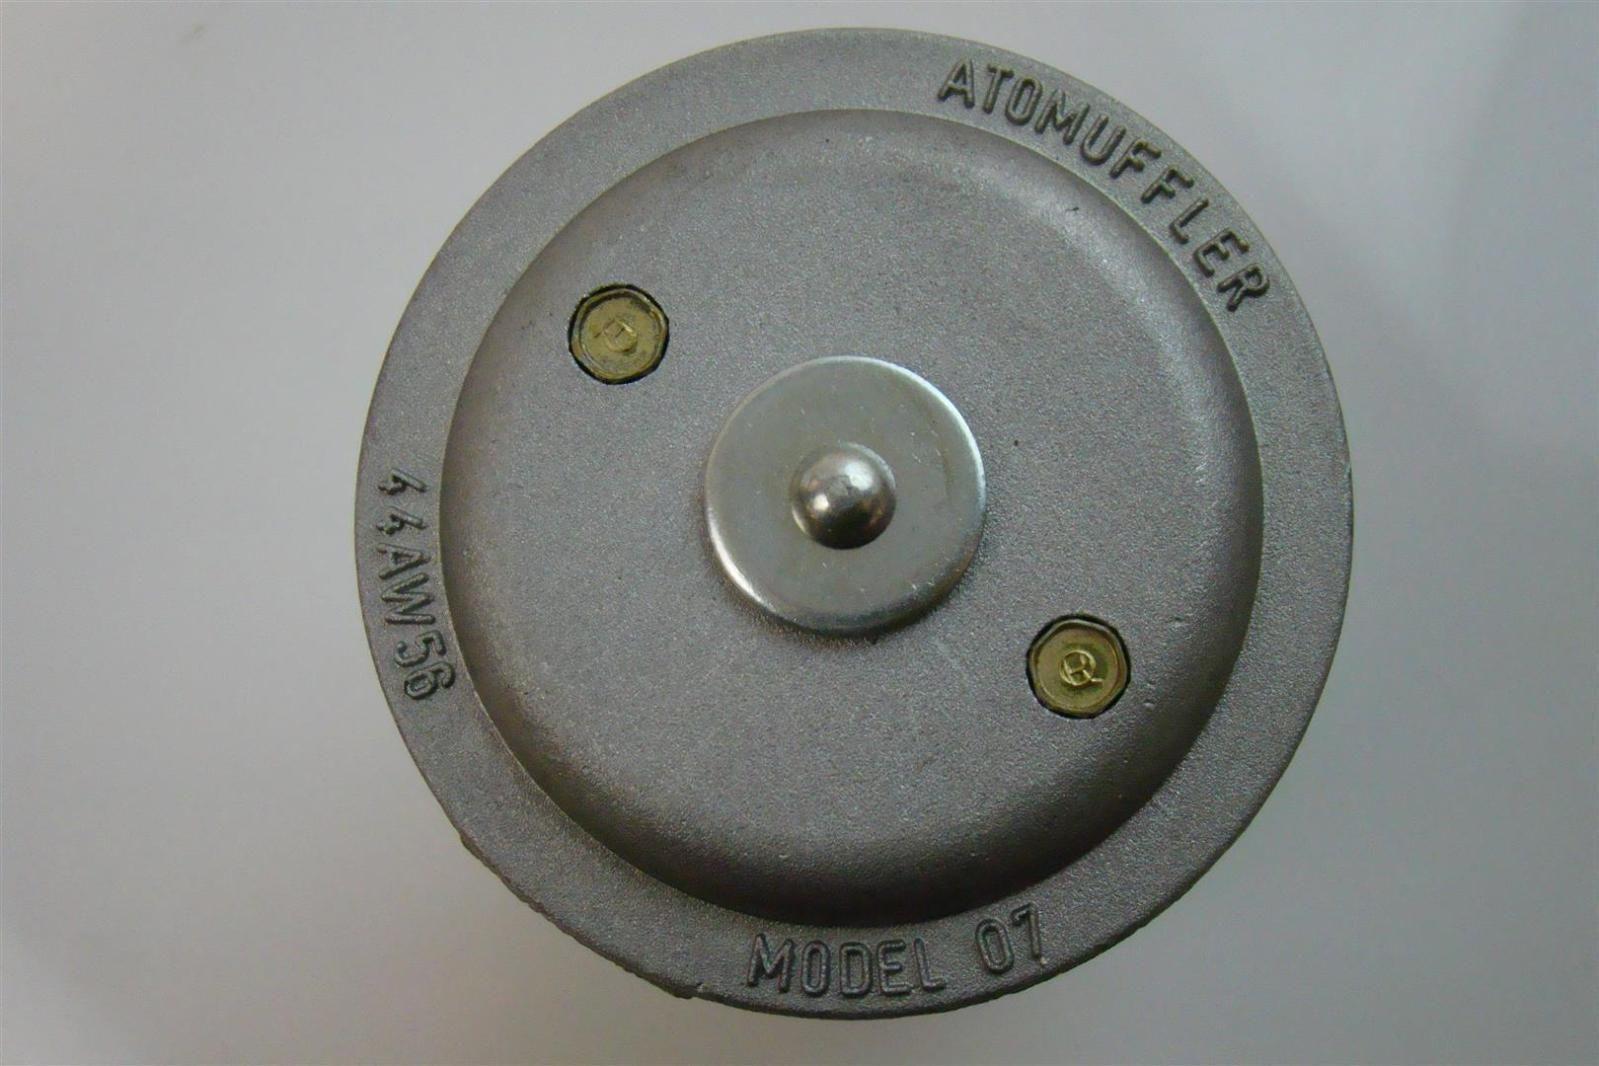 Atomuffler 44aw56 07 Ebay